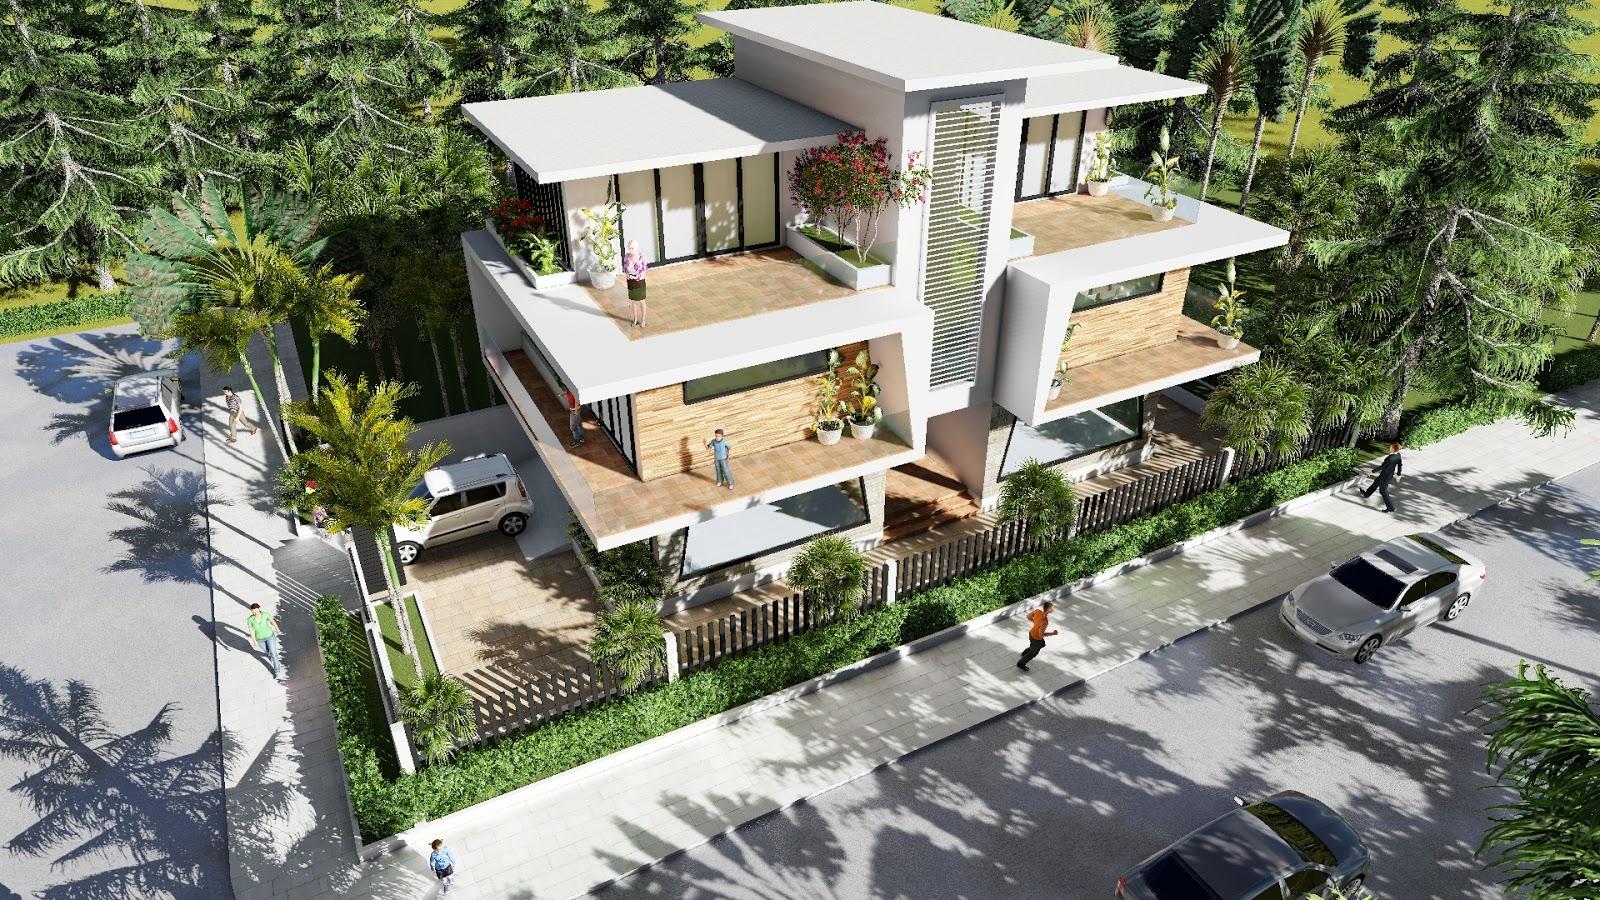 Sketchup modeling modern vila design 06 lumion render - Modern vila design ...